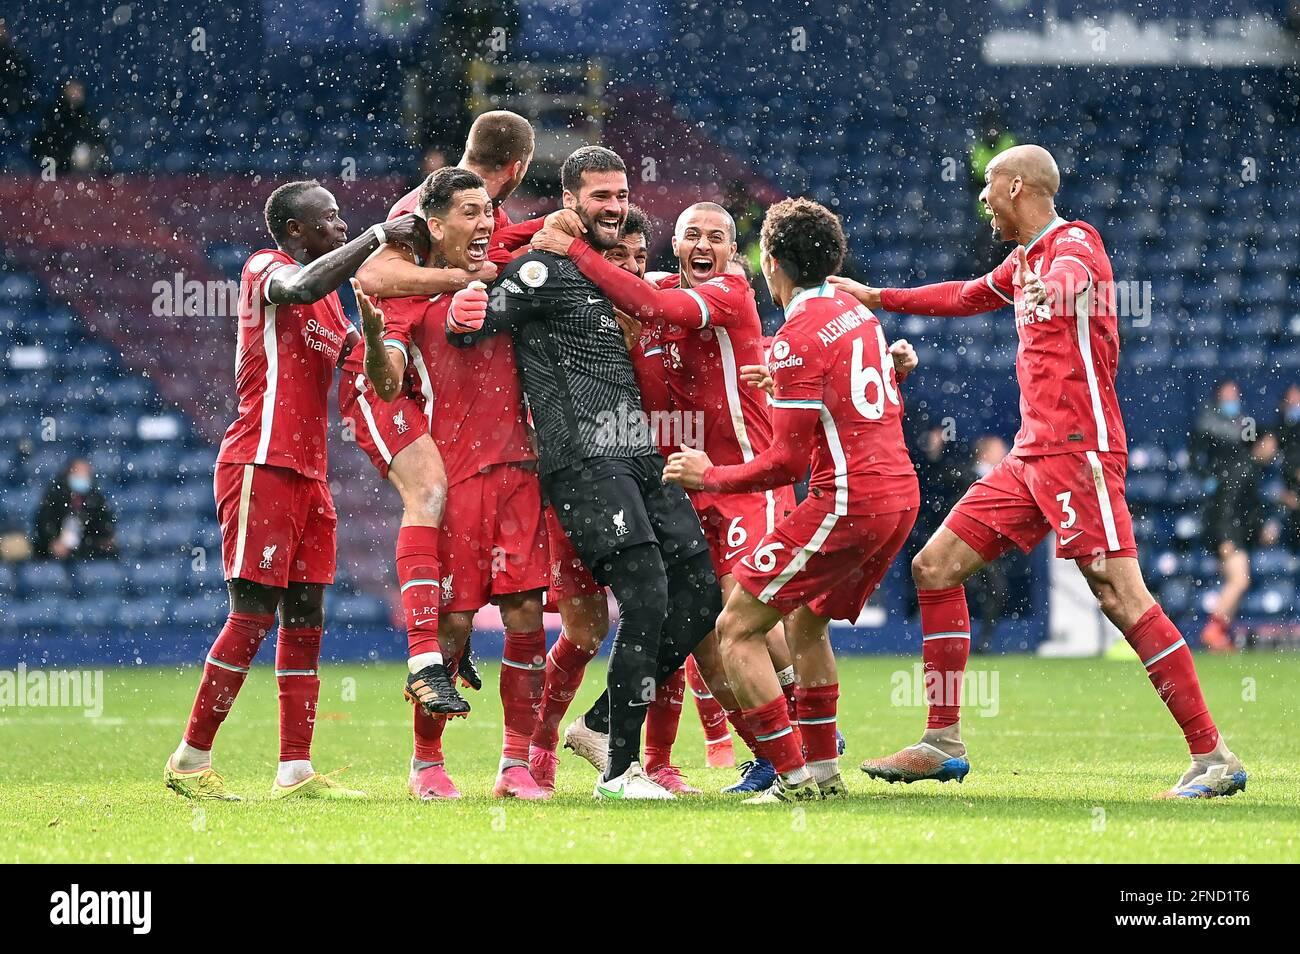 Il portiere di Liverpool Alisson festeggia il secondo gol della partita con i compagni di squadra durante la partita della Premier League presso gli Hawthorns, West Bromwich. Data immagine: Domenica 16 maggio 2021. Foto Stock